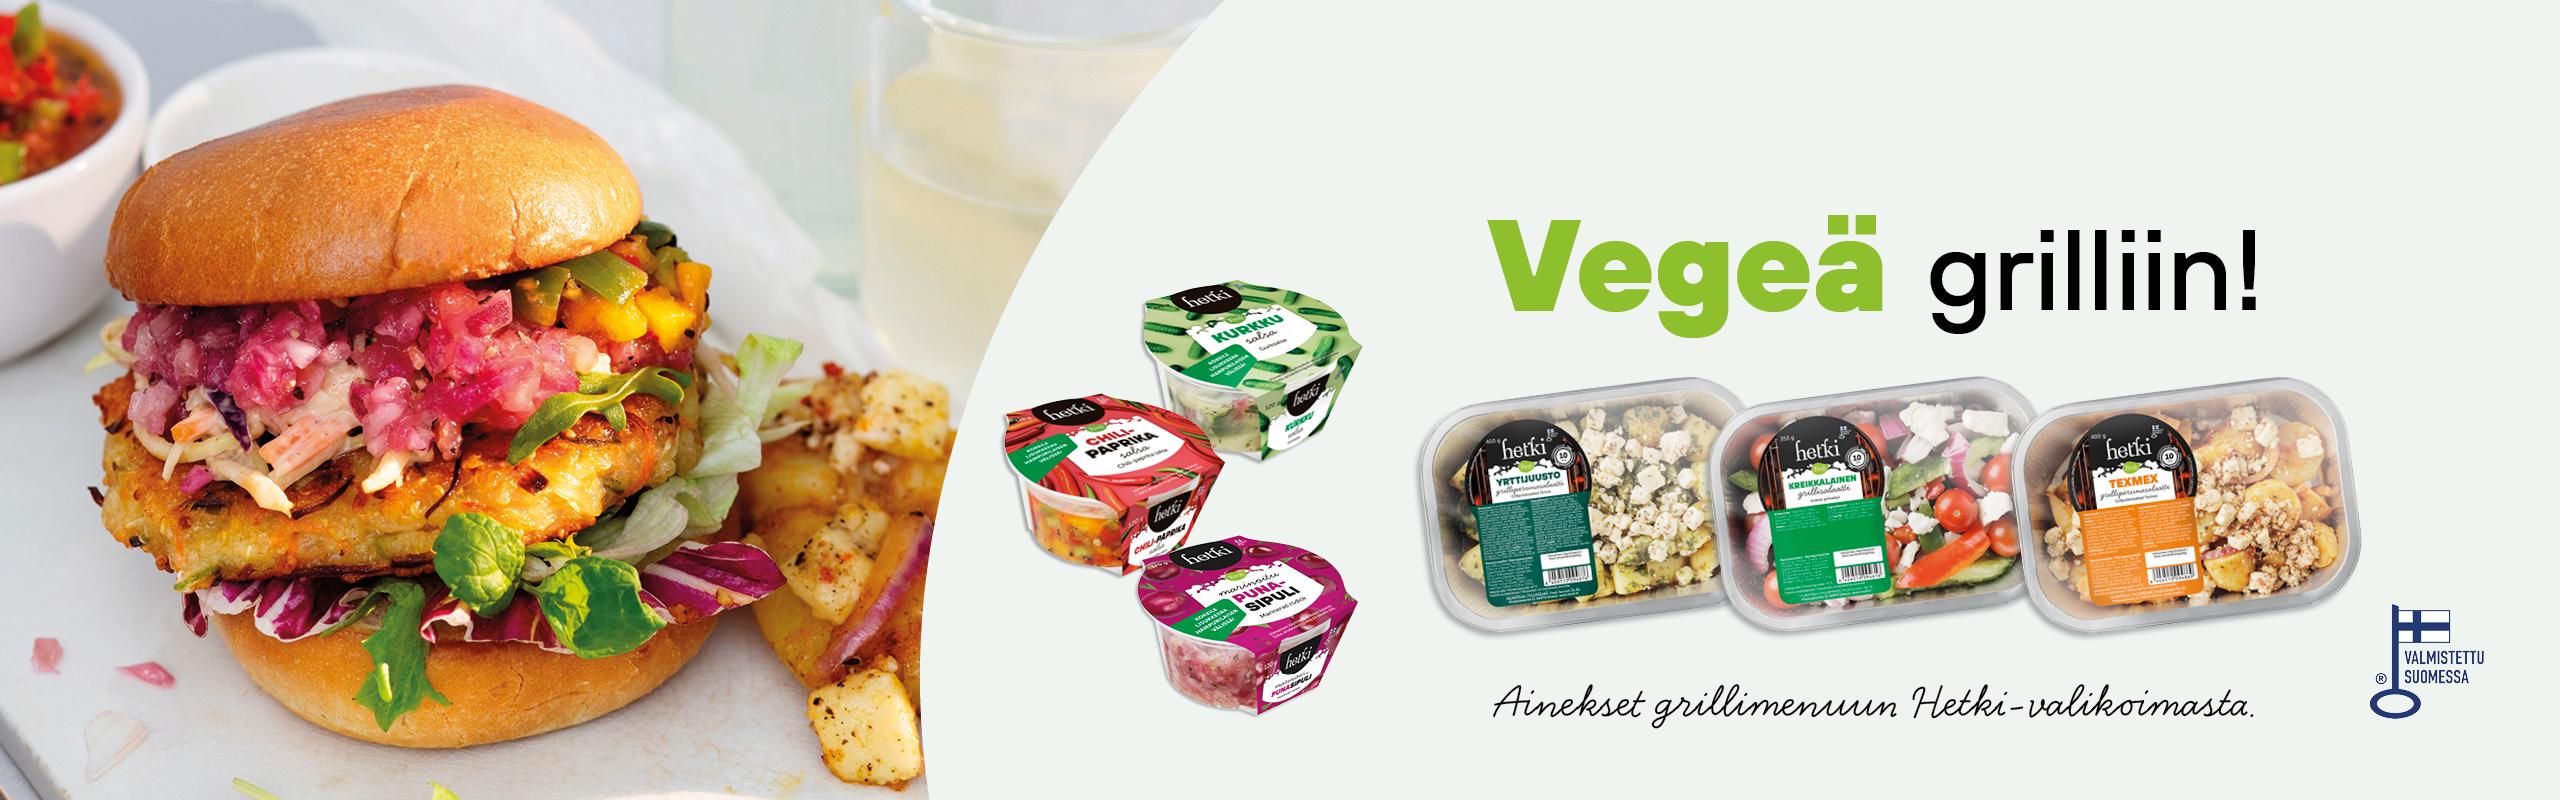 Fresh_vegekaruselli_2560x800_20200603_vedos_v1